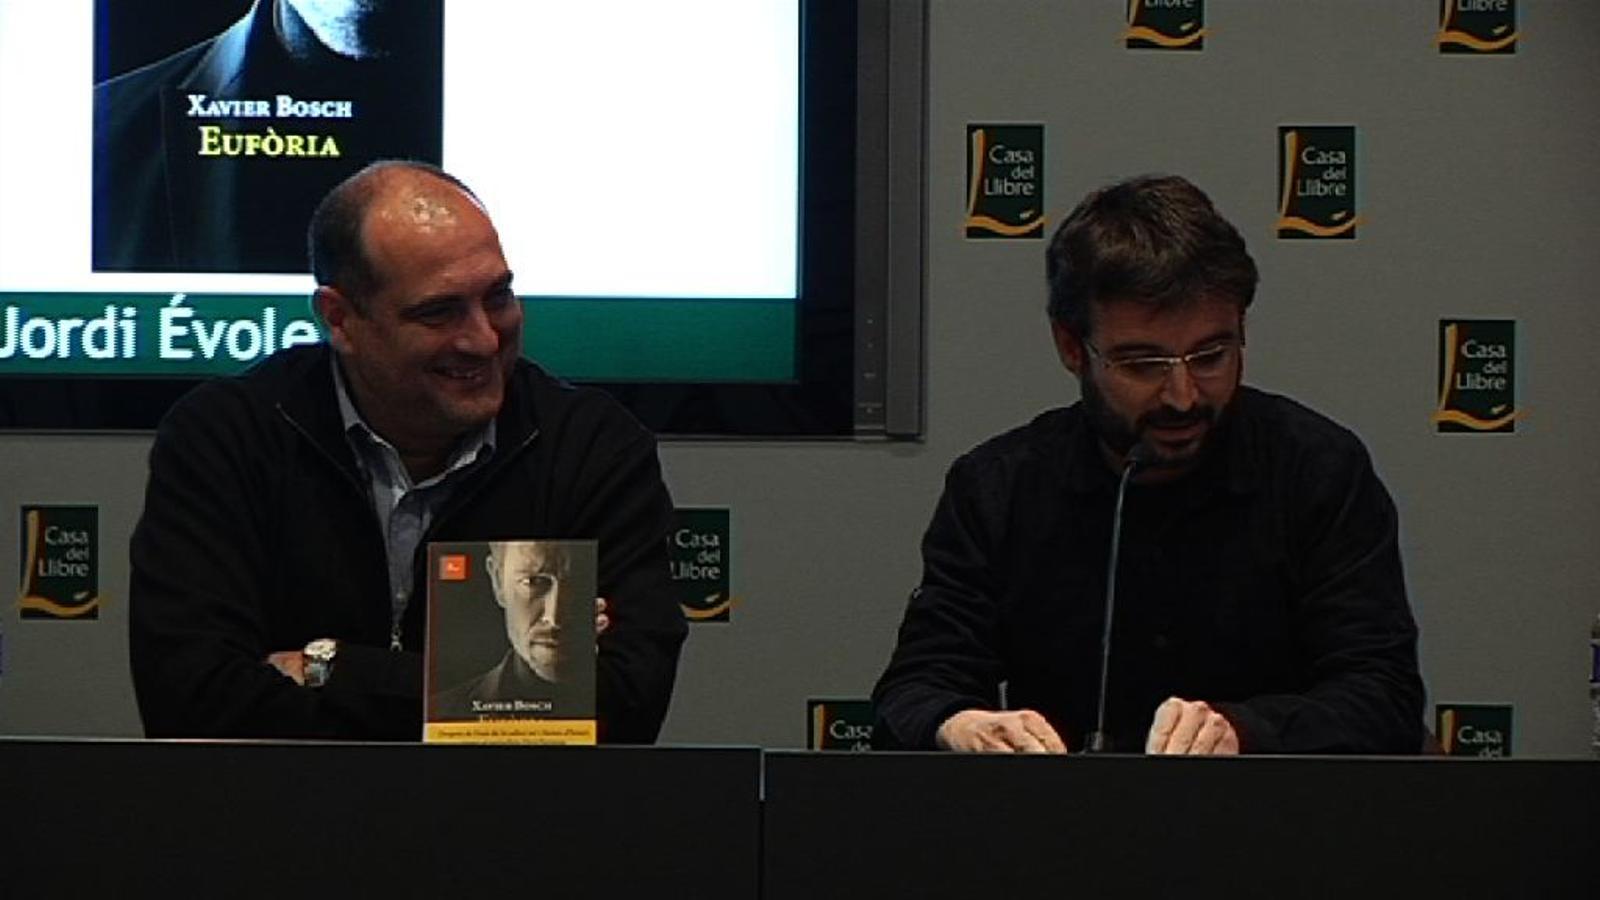 Évole, en presentar la nova novel·la de Xavier Bosch: M'agrada tant que no vull que se m'acabi